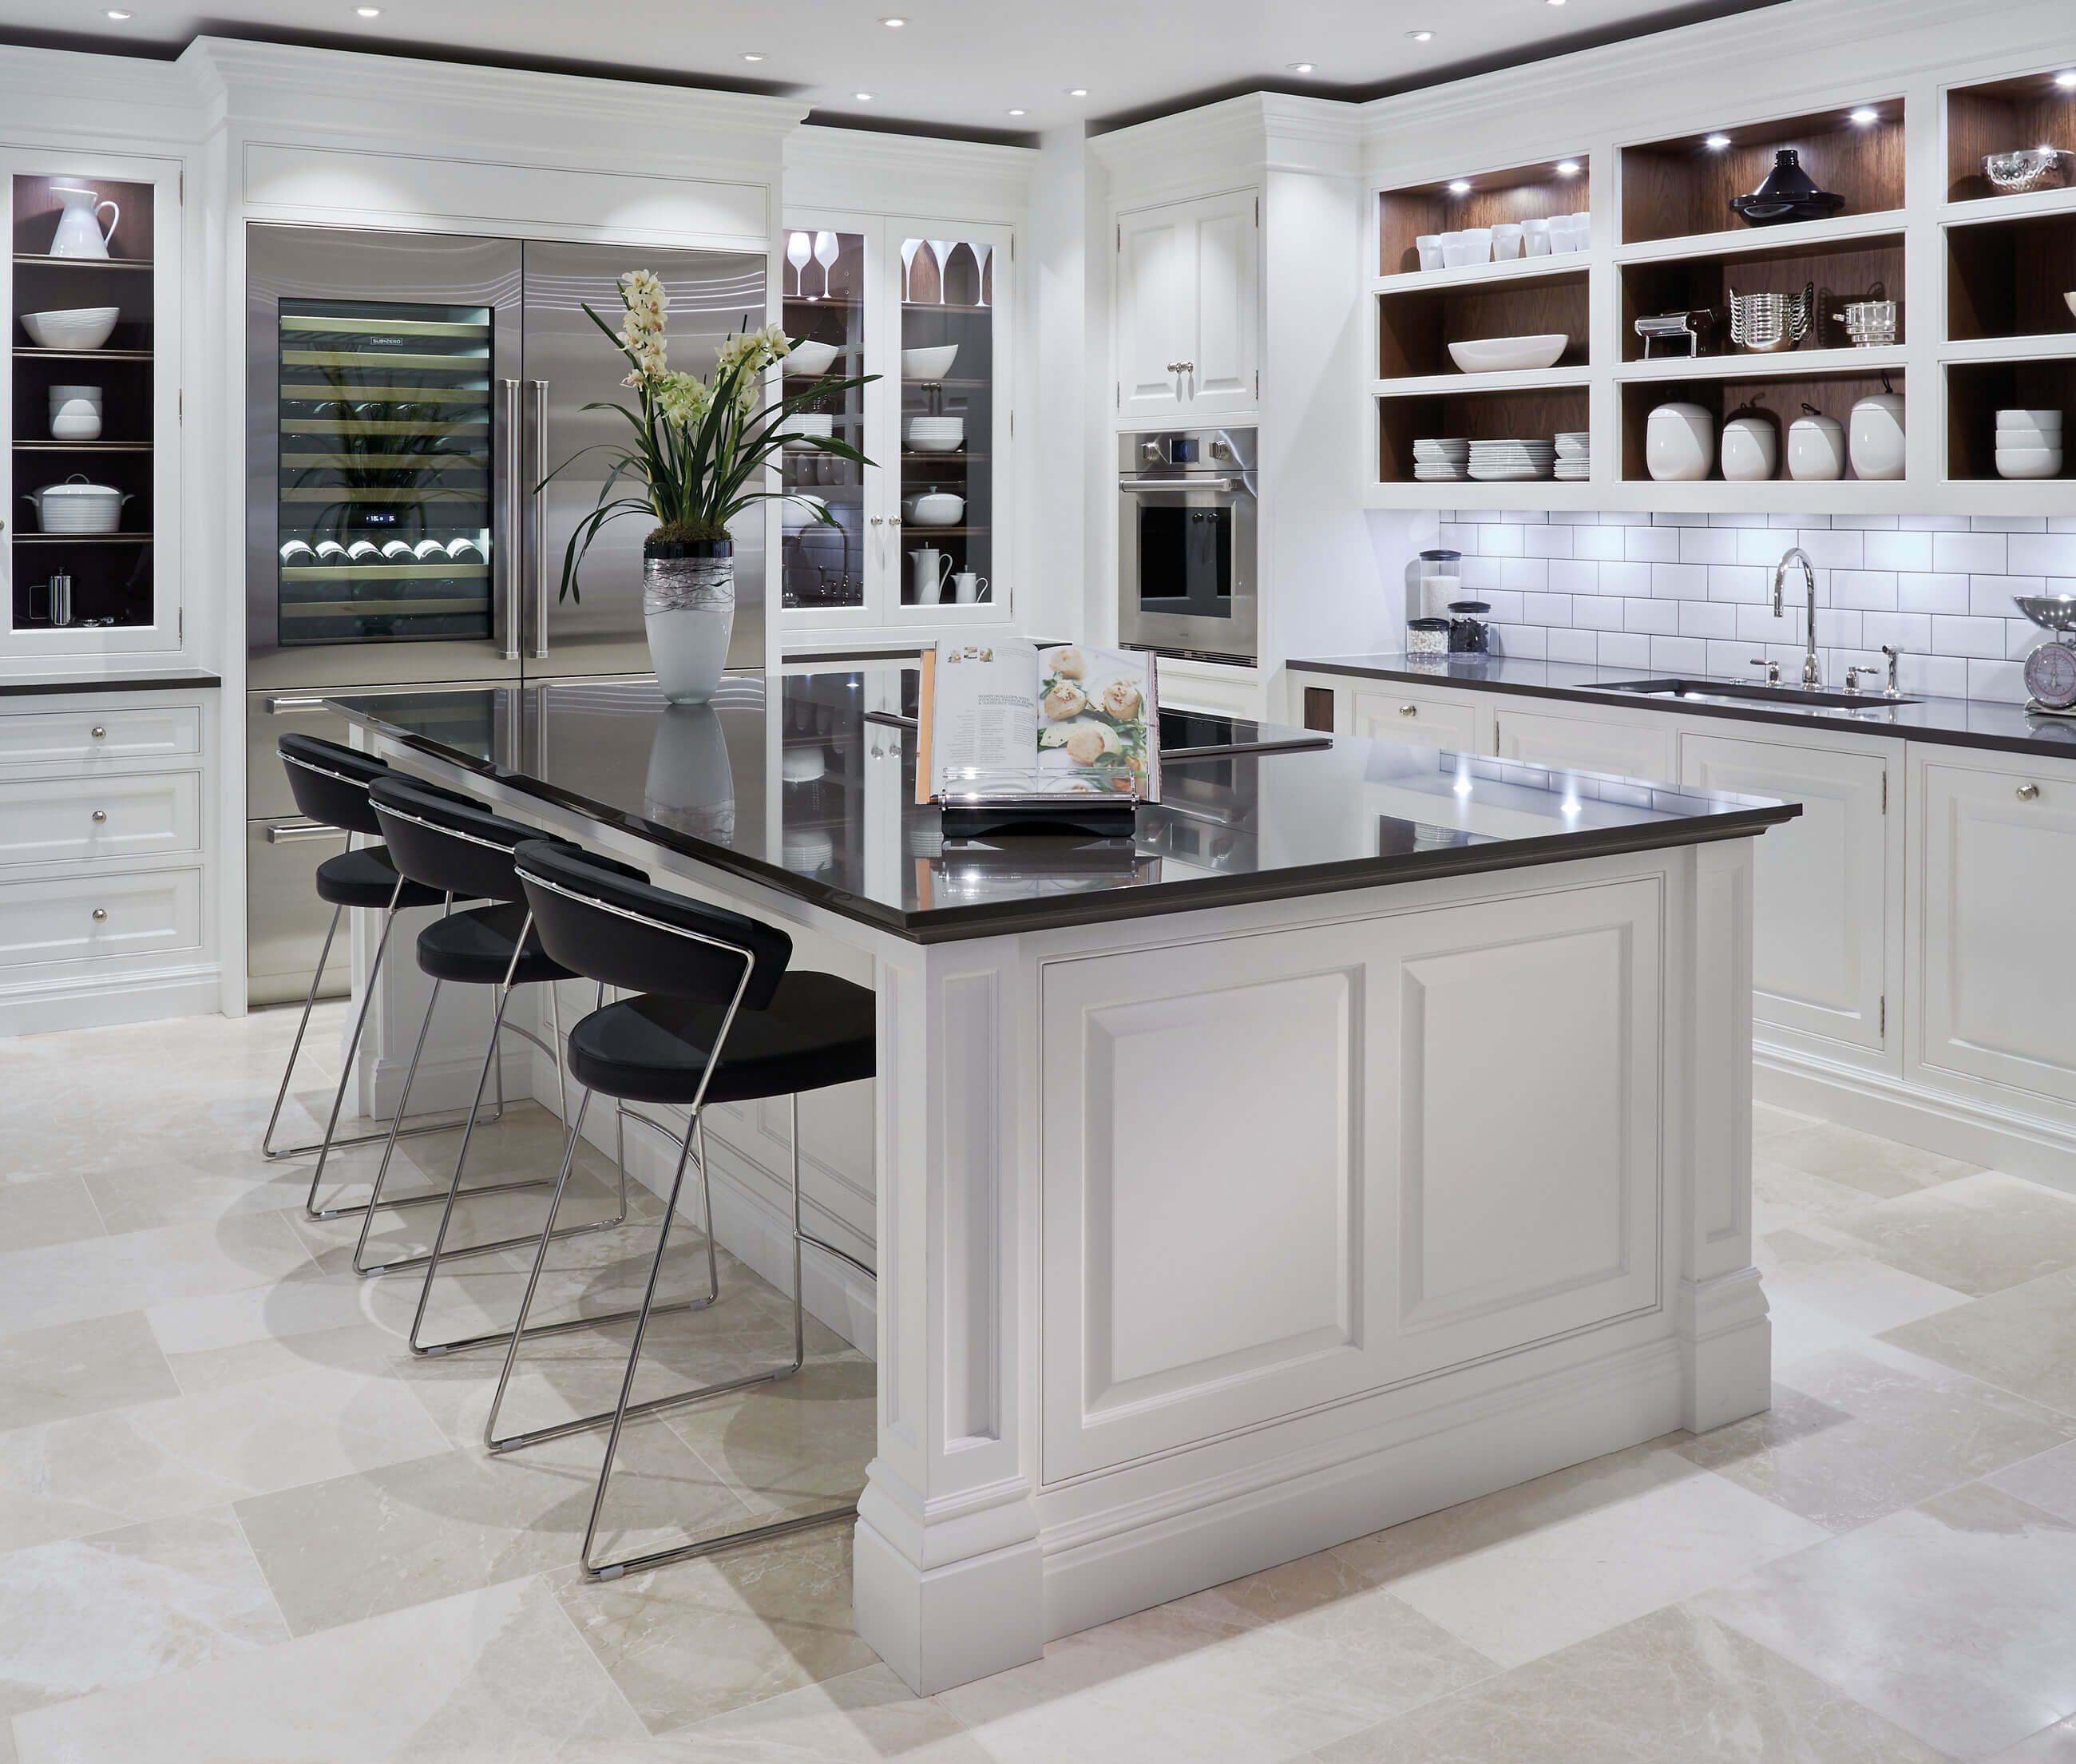 Grand Kitchen Home decor kitchen, Luxury kitchens